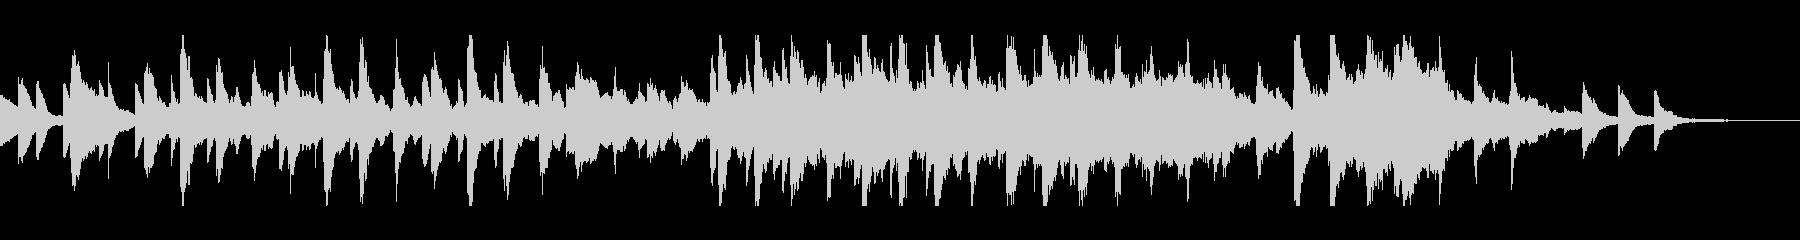 ピアノとストリングスのサウンドトラックの未再生の波形